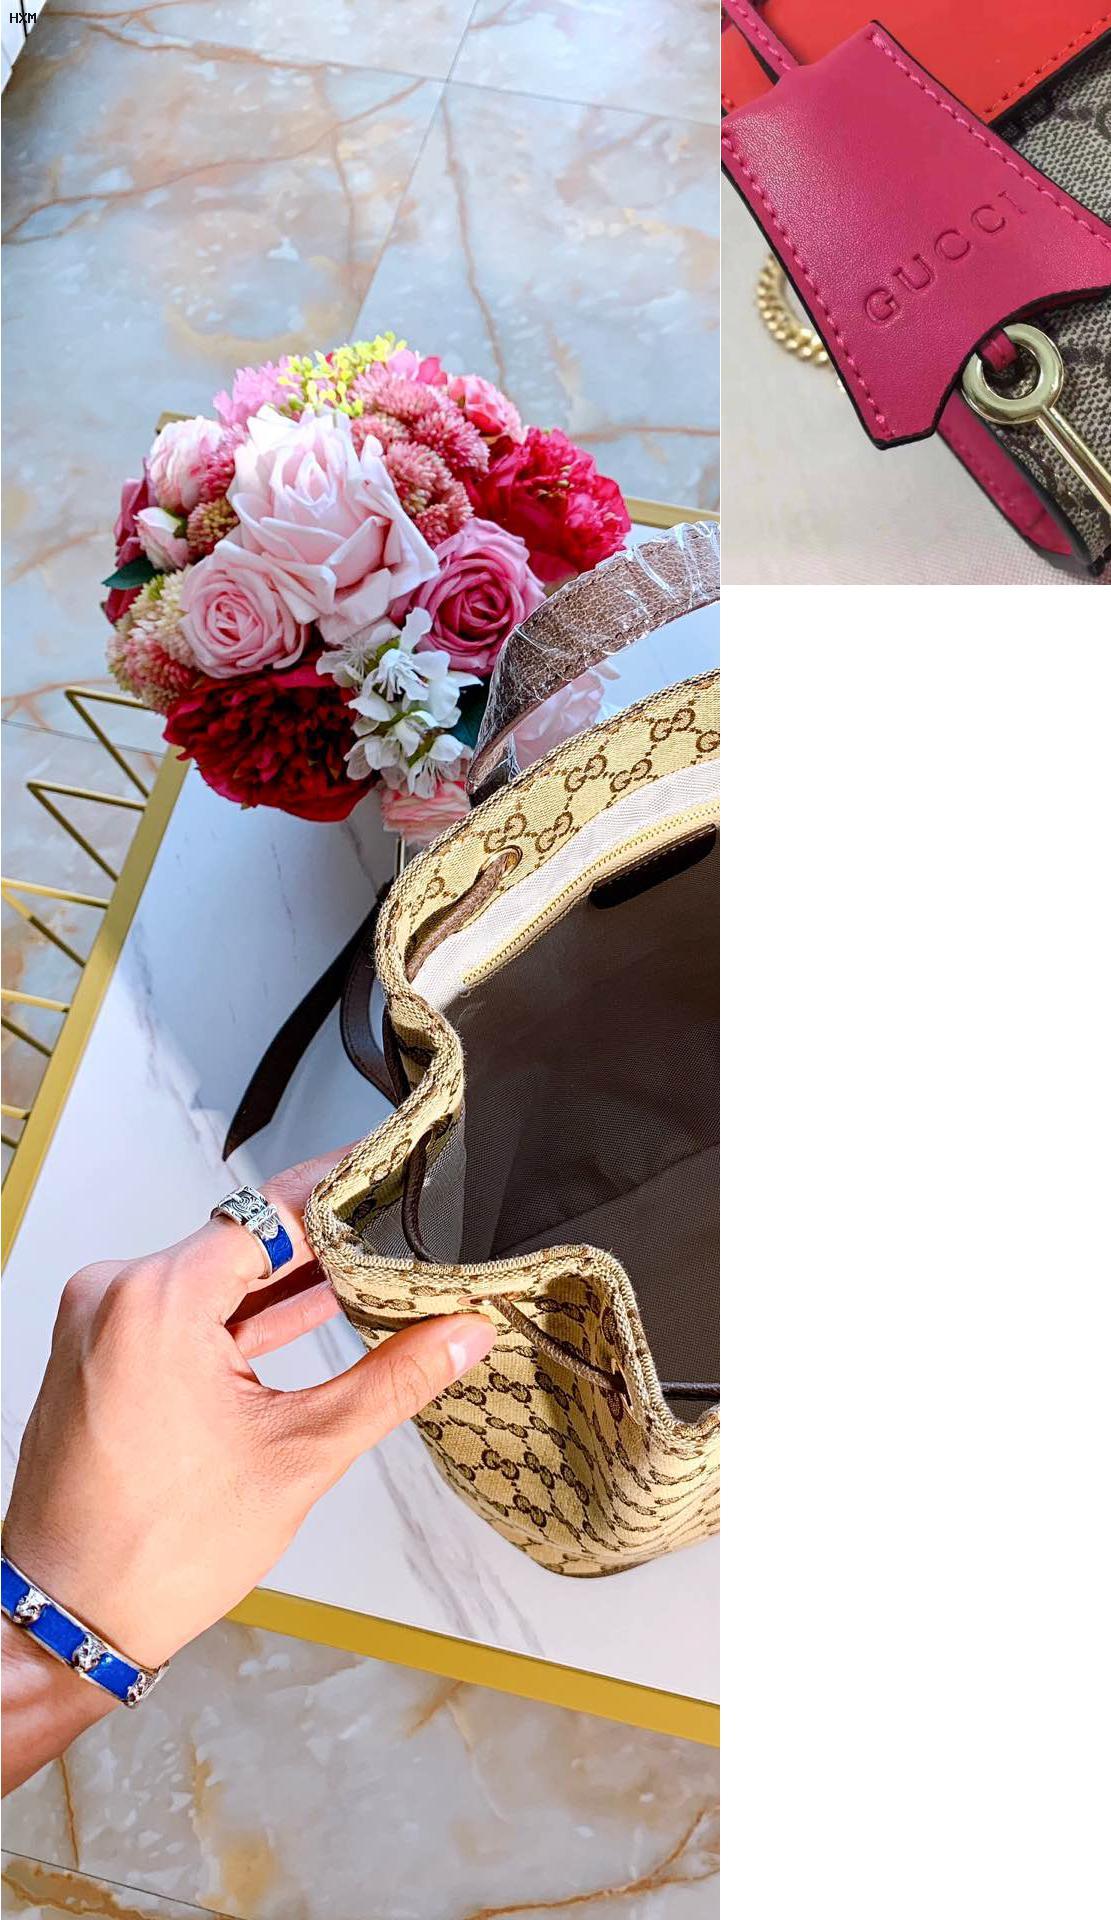 bolso gucci rosa palo